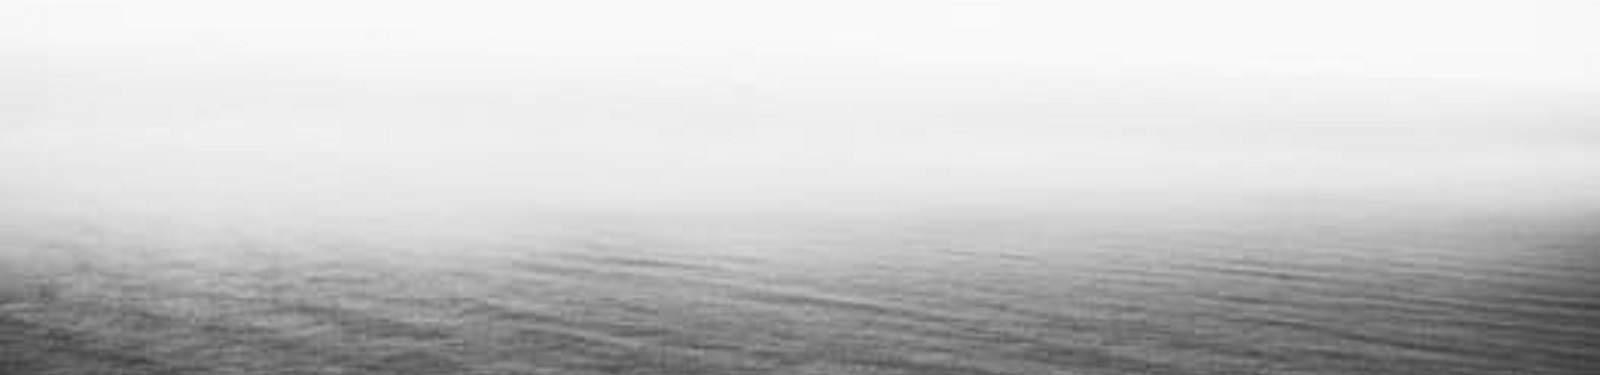 Burnout en depressie, wat zijn de verschillen?